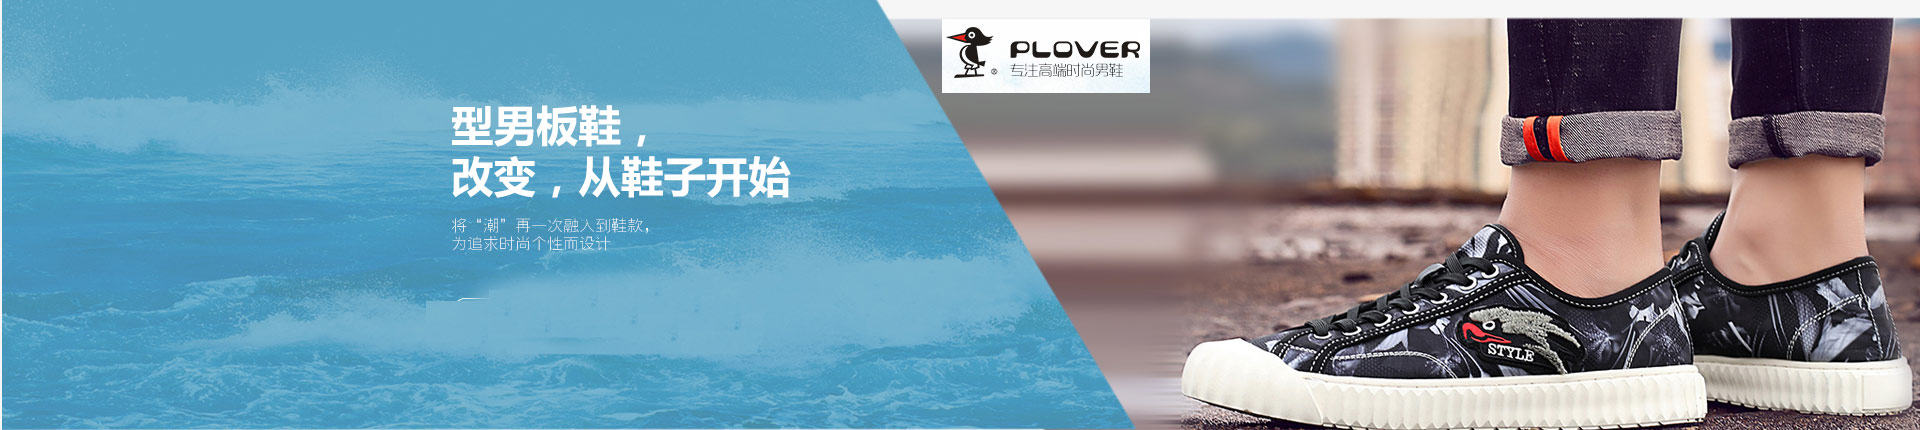 啄木鳥plover官方網站